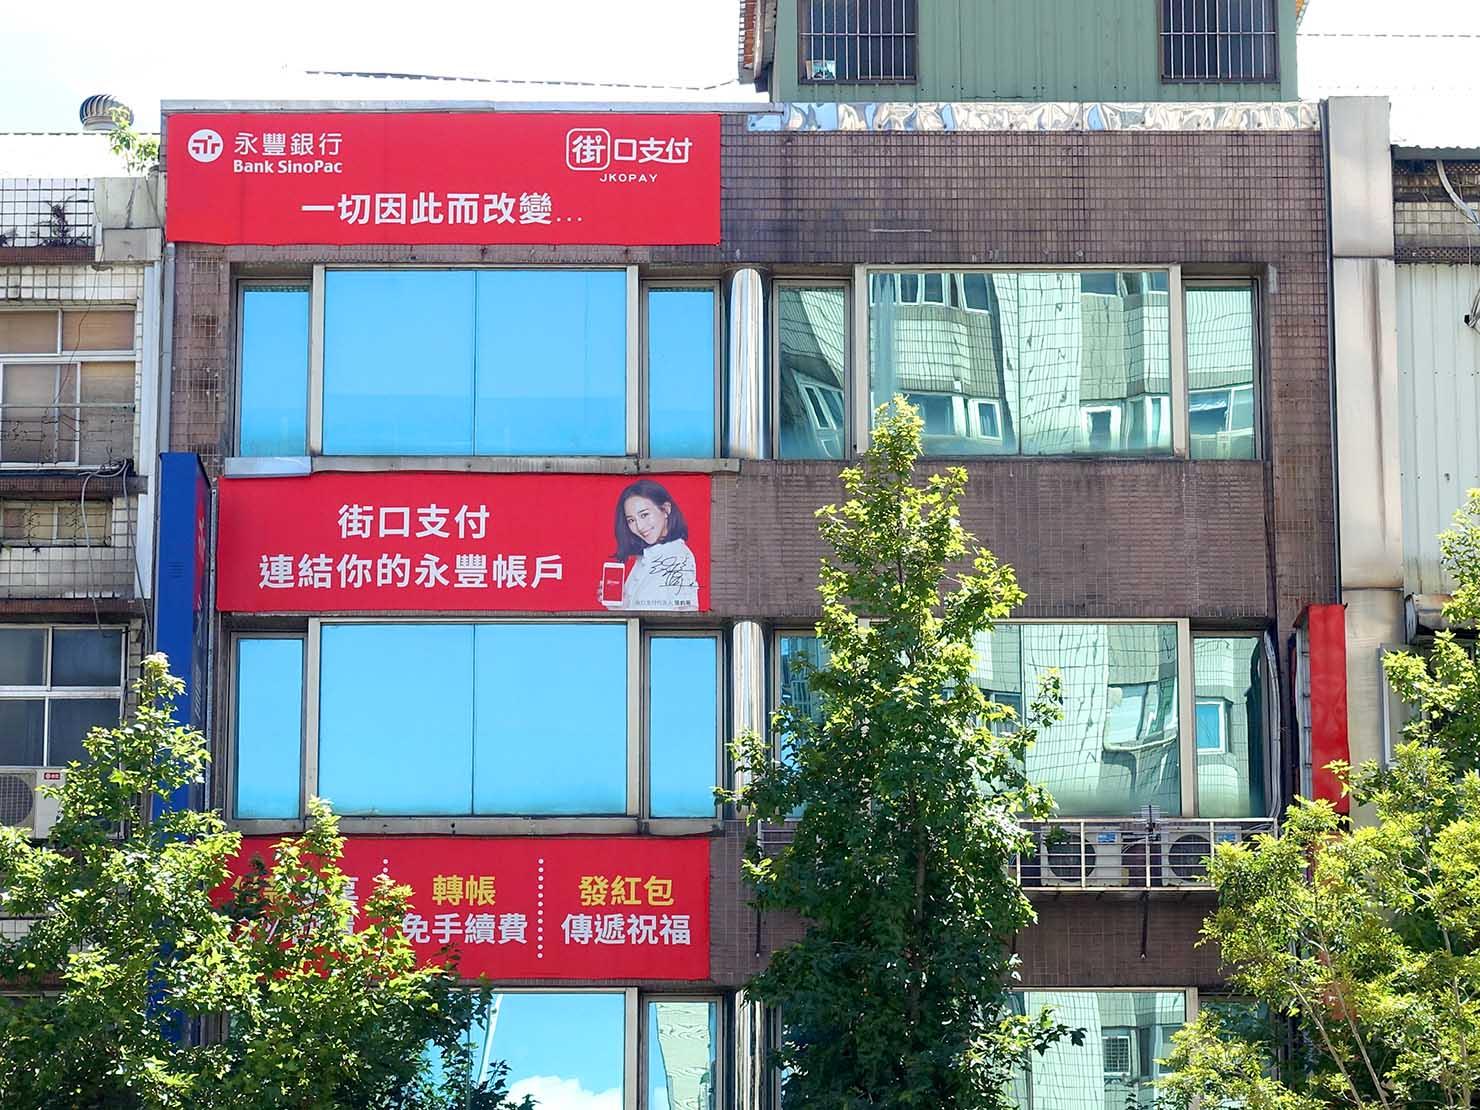 台湾のスマホ決済ツール「街口支付」の広告